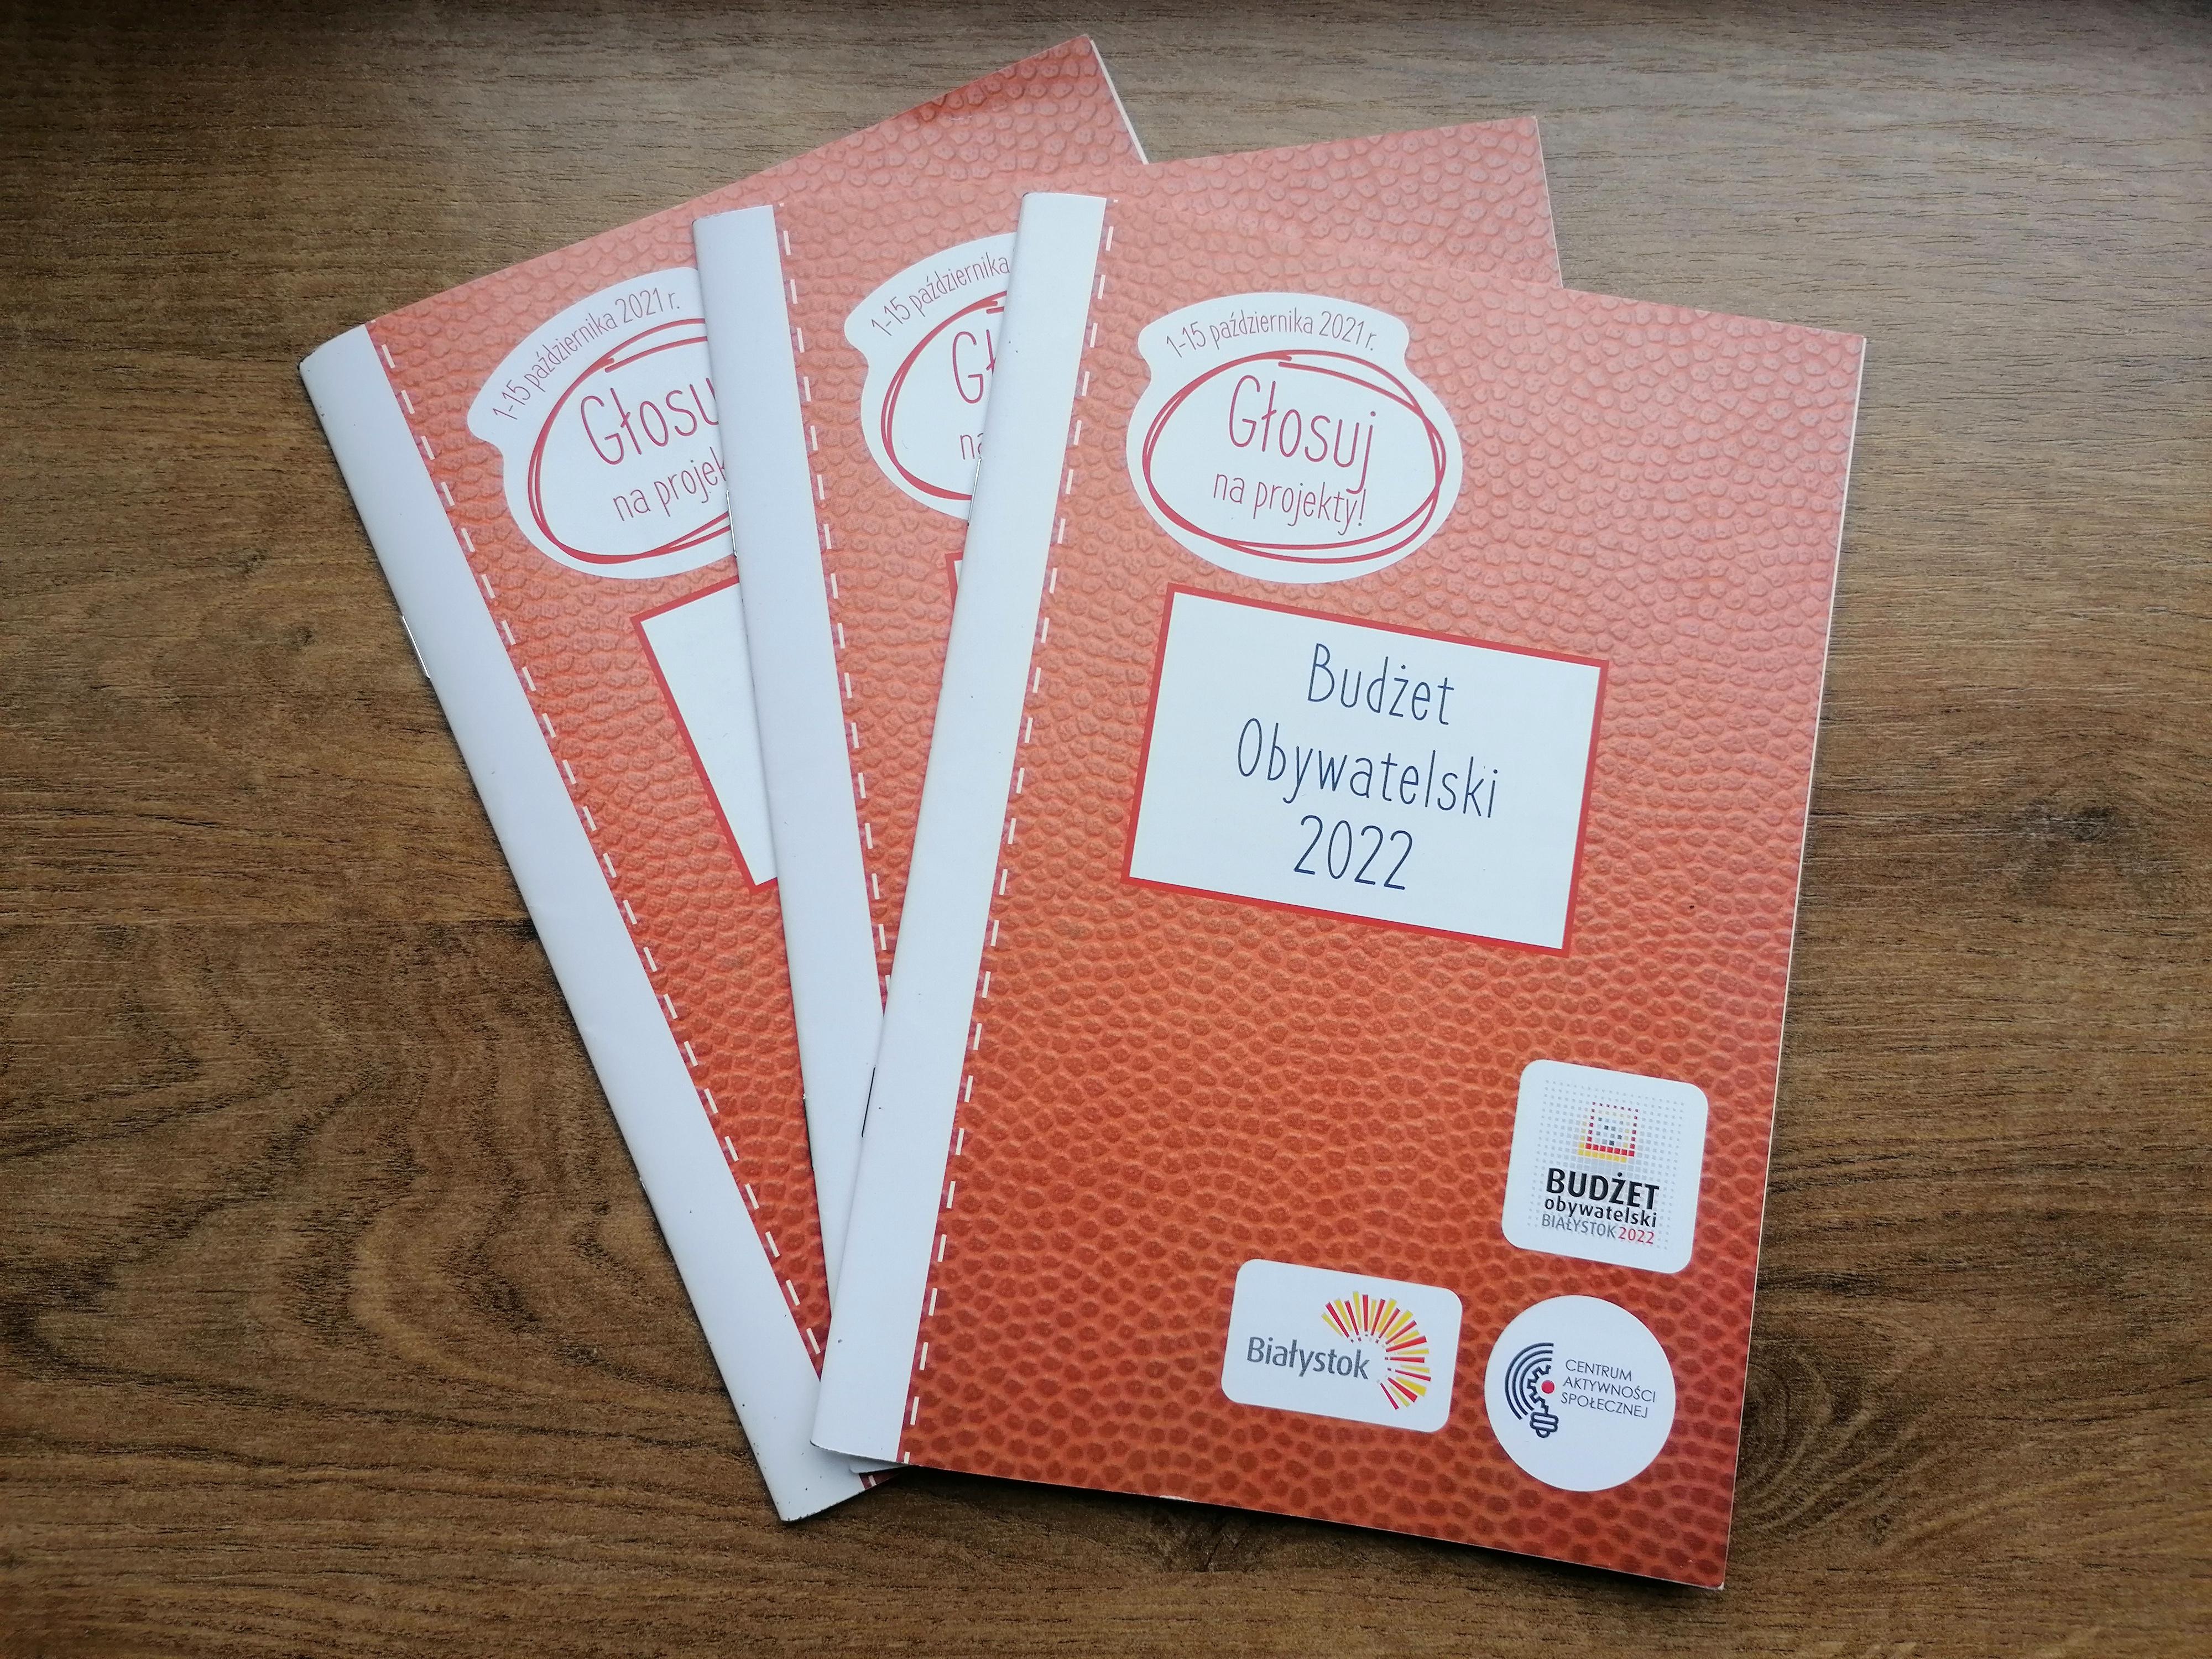 Na stole leżą trzy broszury informacyjne dotyczące budżetu obywatelskiego